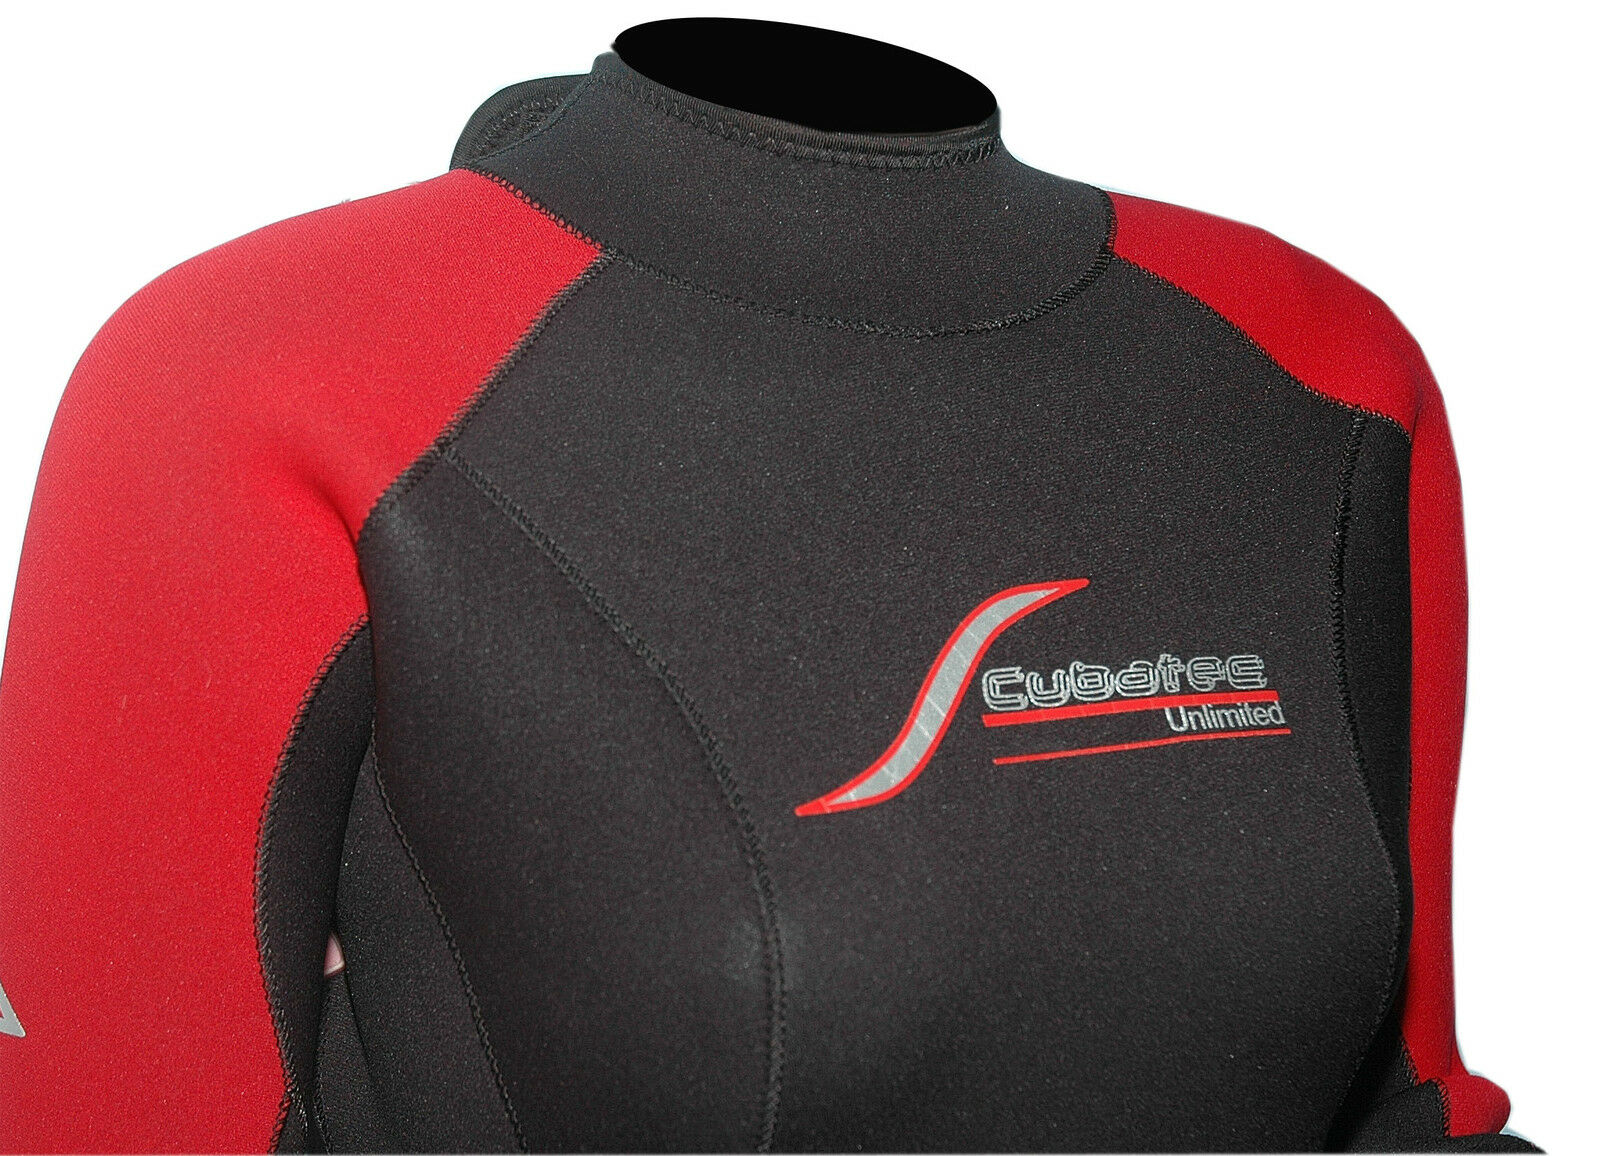 4mm ScubaTec Damen Damen Damen Neopren Nassanzug Tauchanzug Surfanzug Gr. 36 - 44      Günstige Preise    Helle Farben    Um Sowohl Die Qualität Der Zähigkeit Und Härte  2e45dc